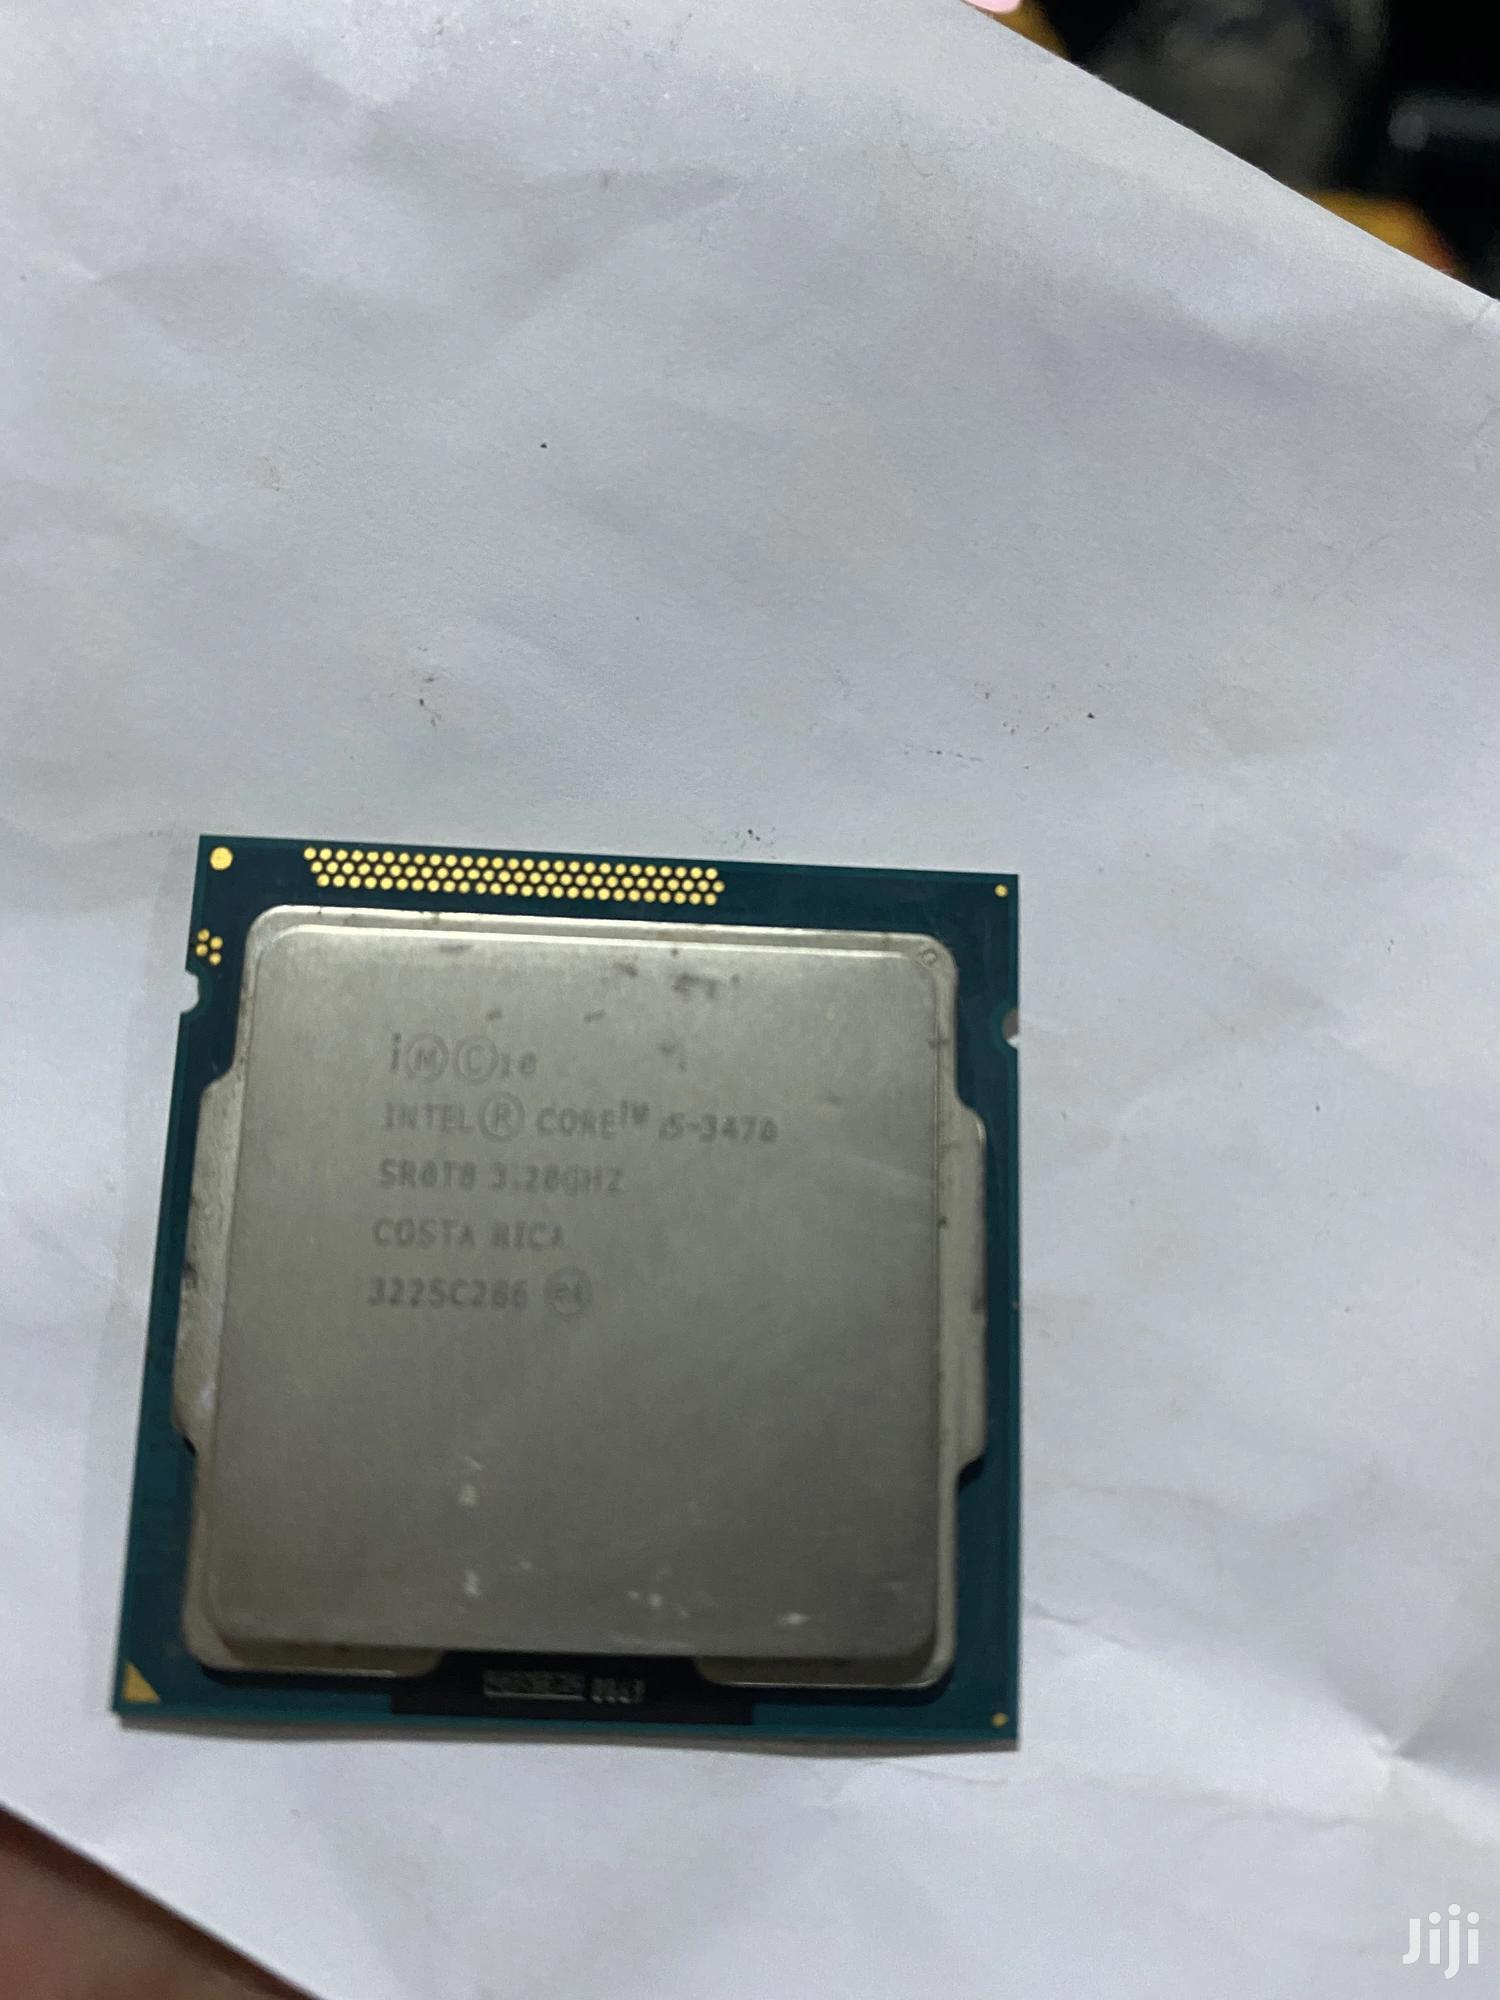 Archive: Intel Core I5-3470 Processor 3rd